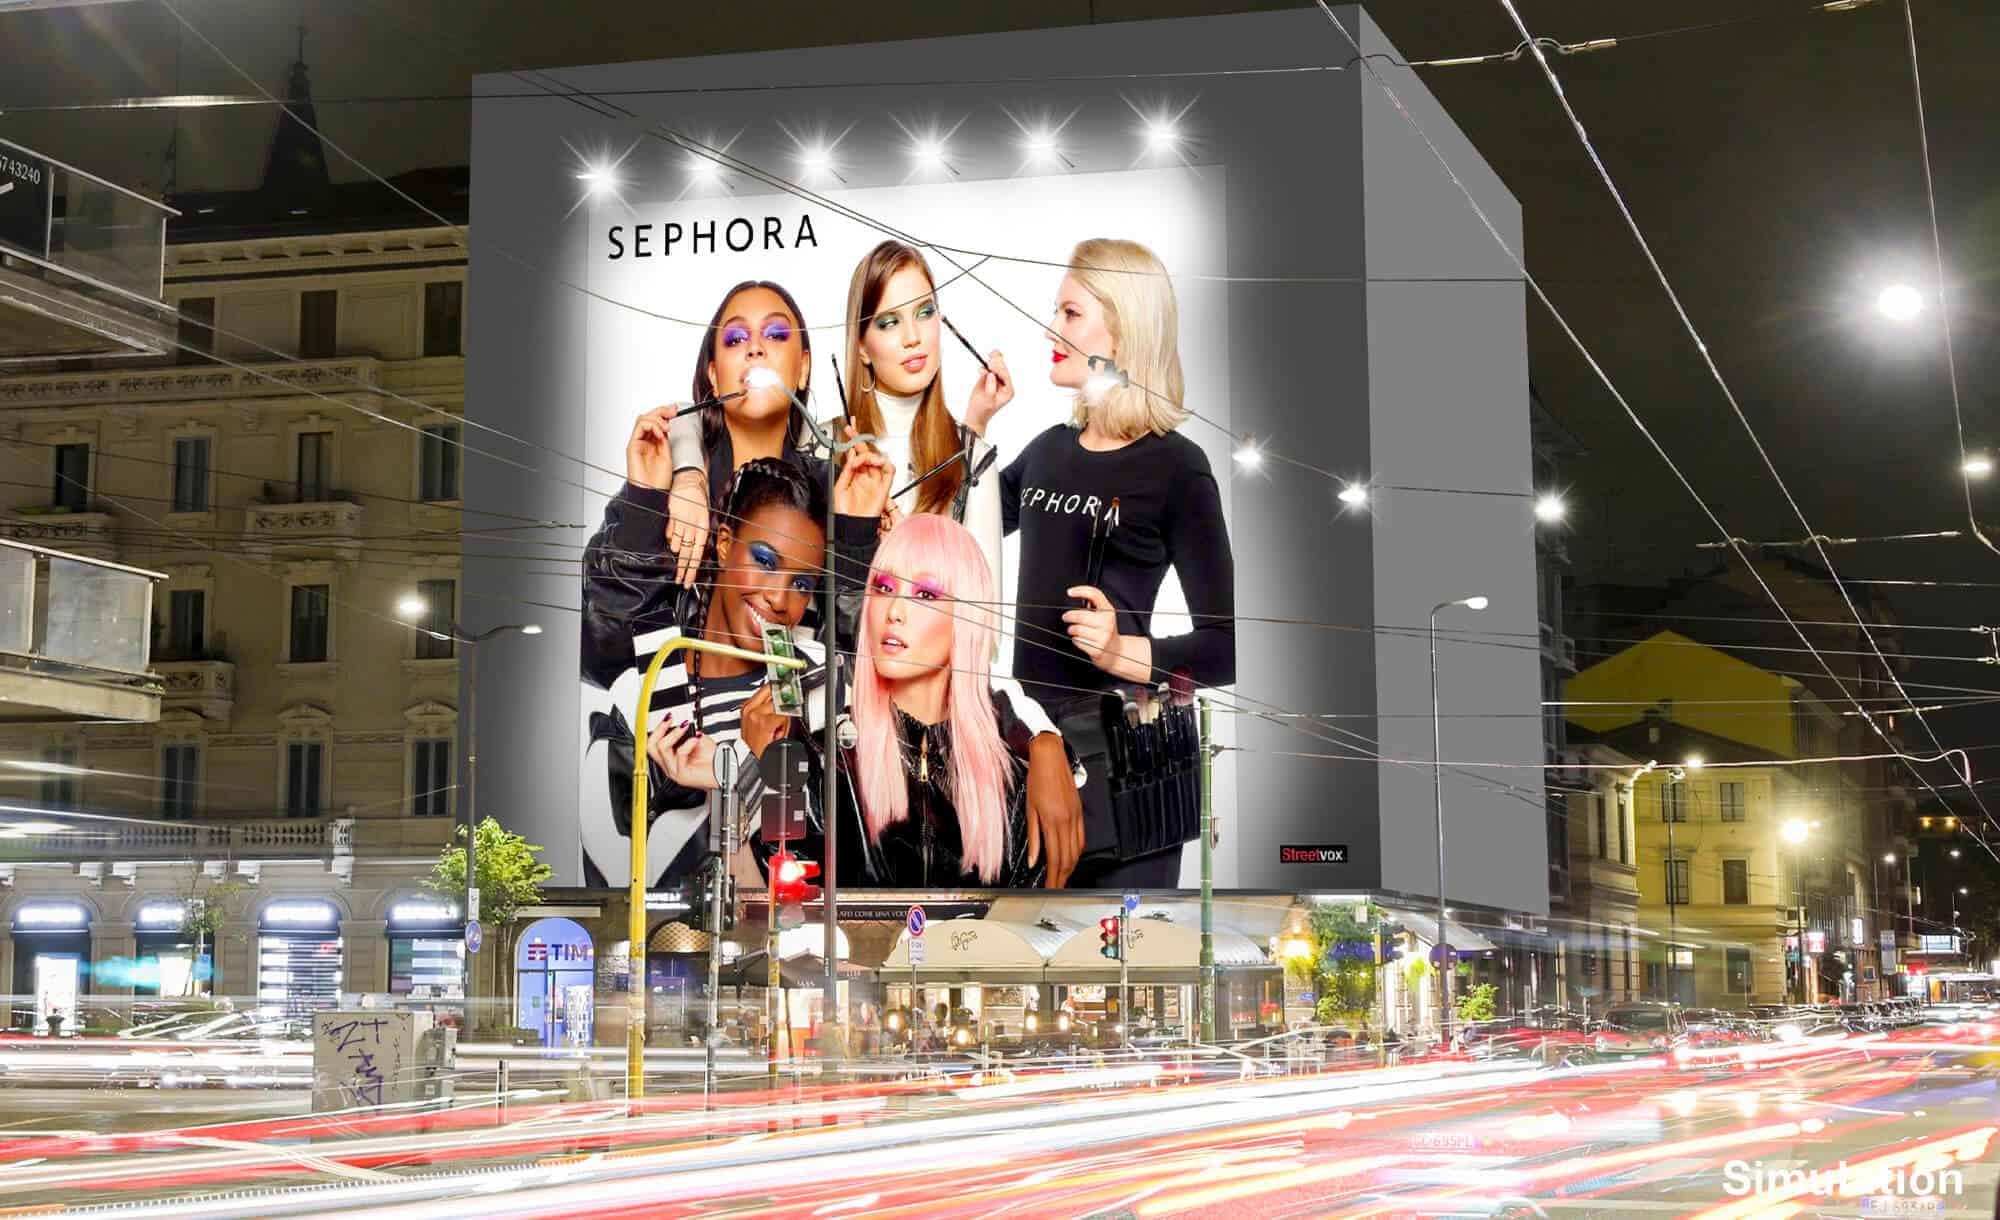 Maxi Affissione a Milano in Via Palestrina 1 con Sephora (Beauty)